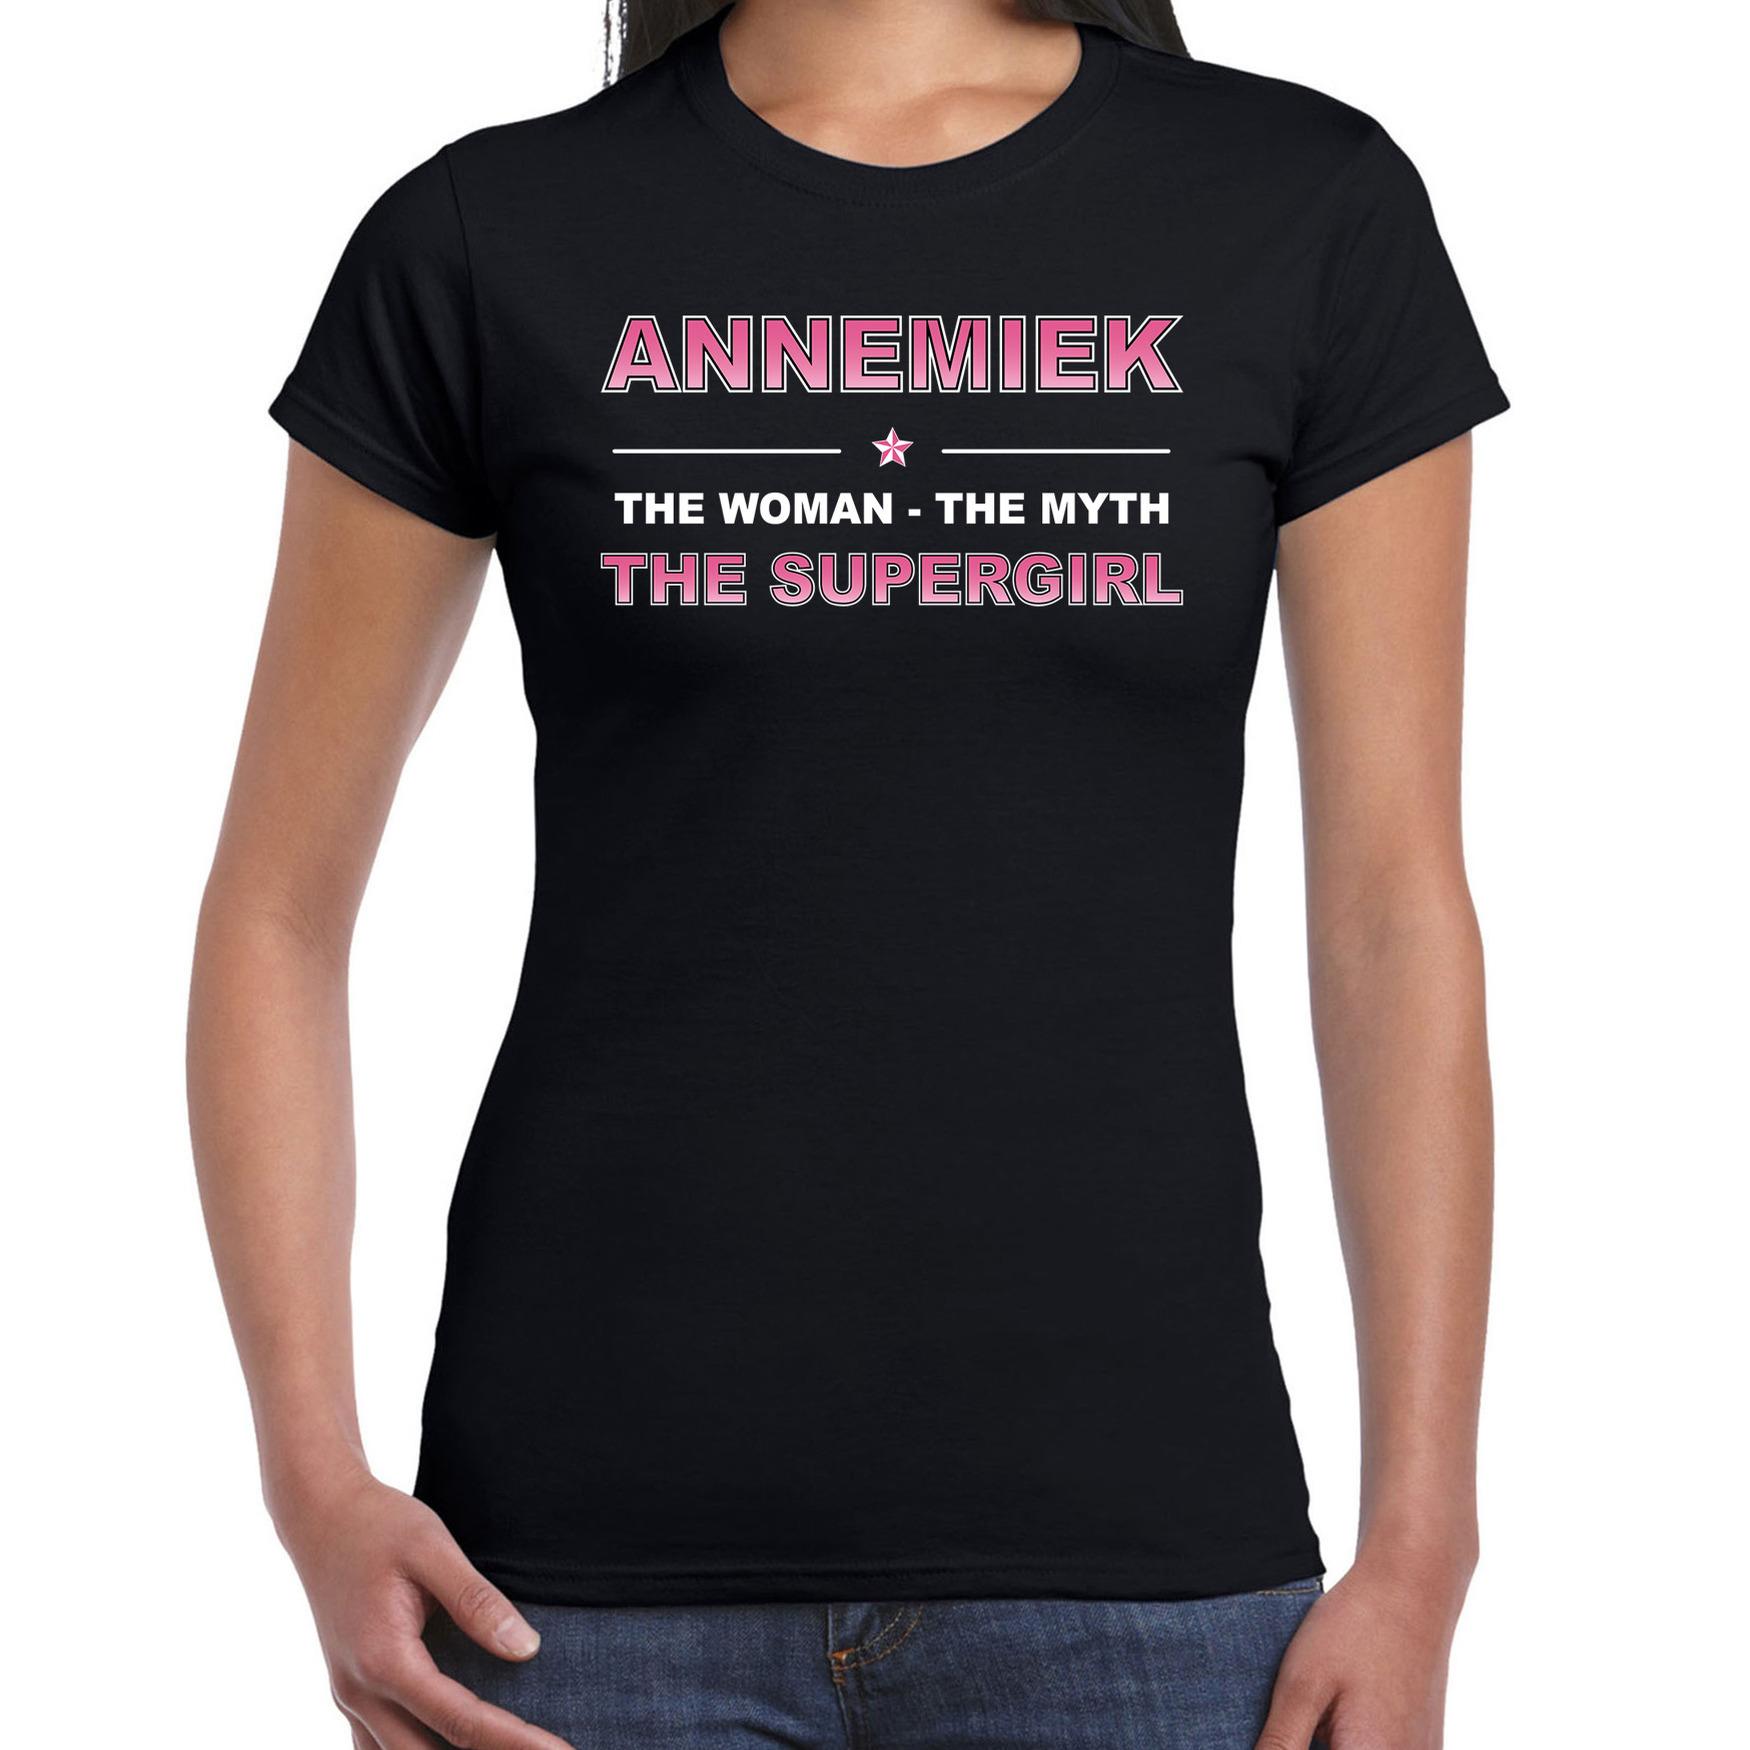 Naam cadeau t-shirt / shirt Annemiek - the supergirl zwart voor dames